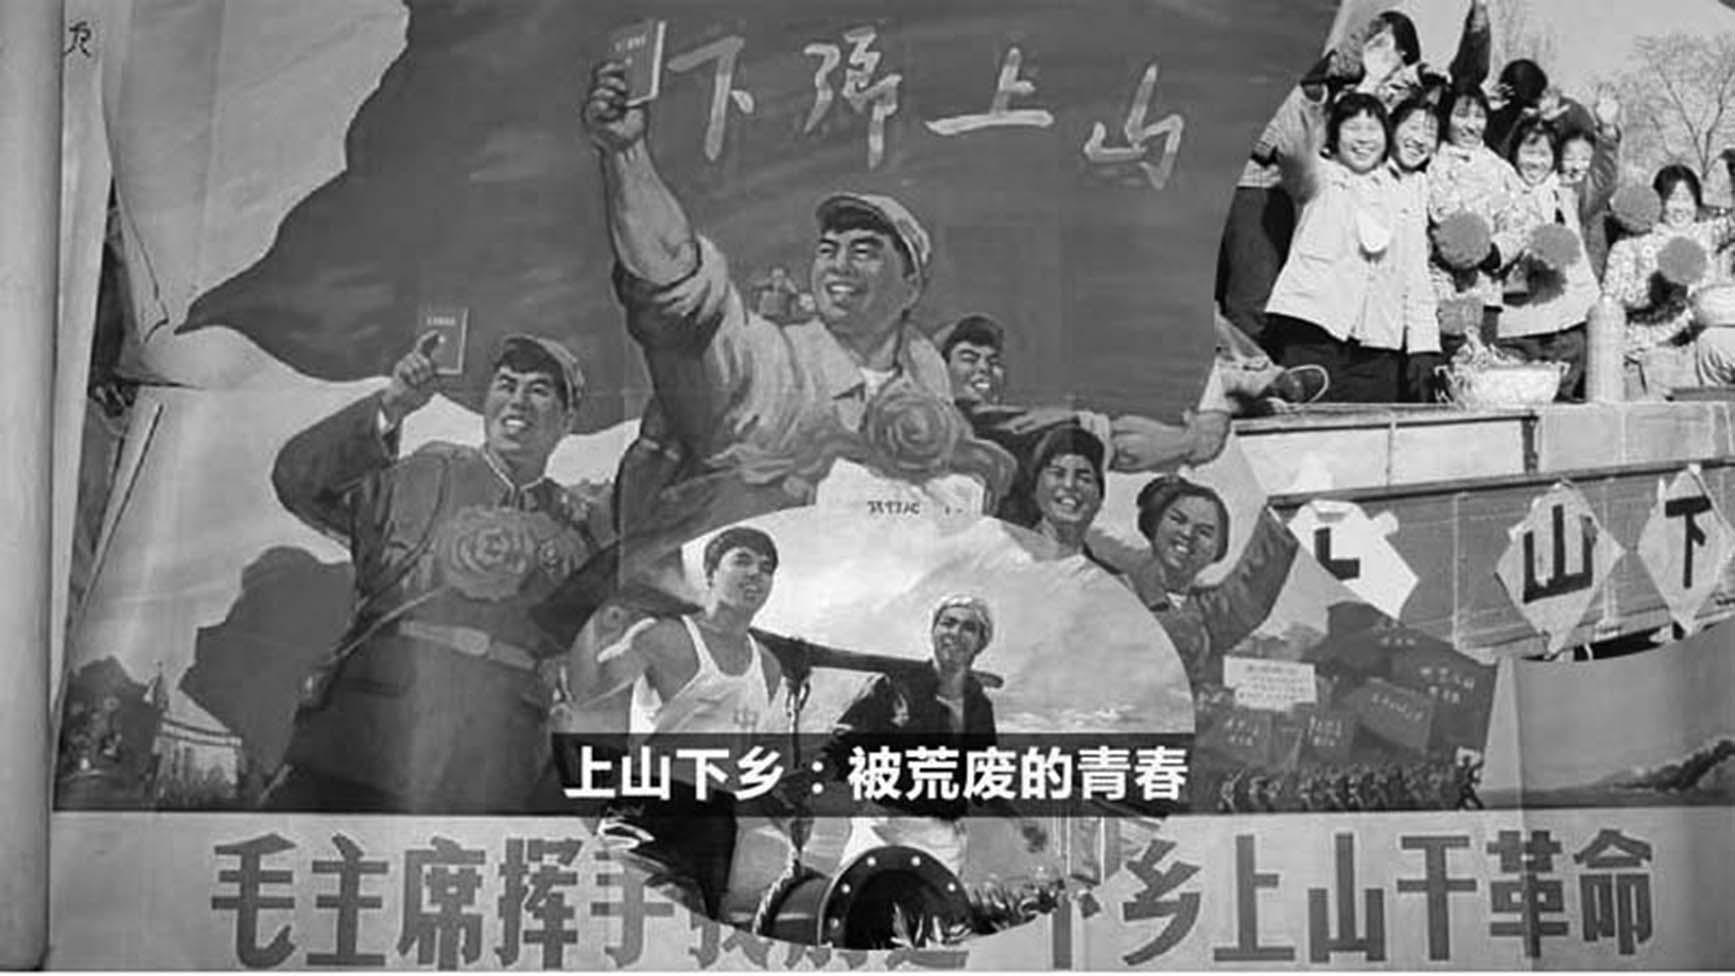 文革時「上山下鄉」運動中,有逾千萬知識青年被下放農村。(網絡圖片)